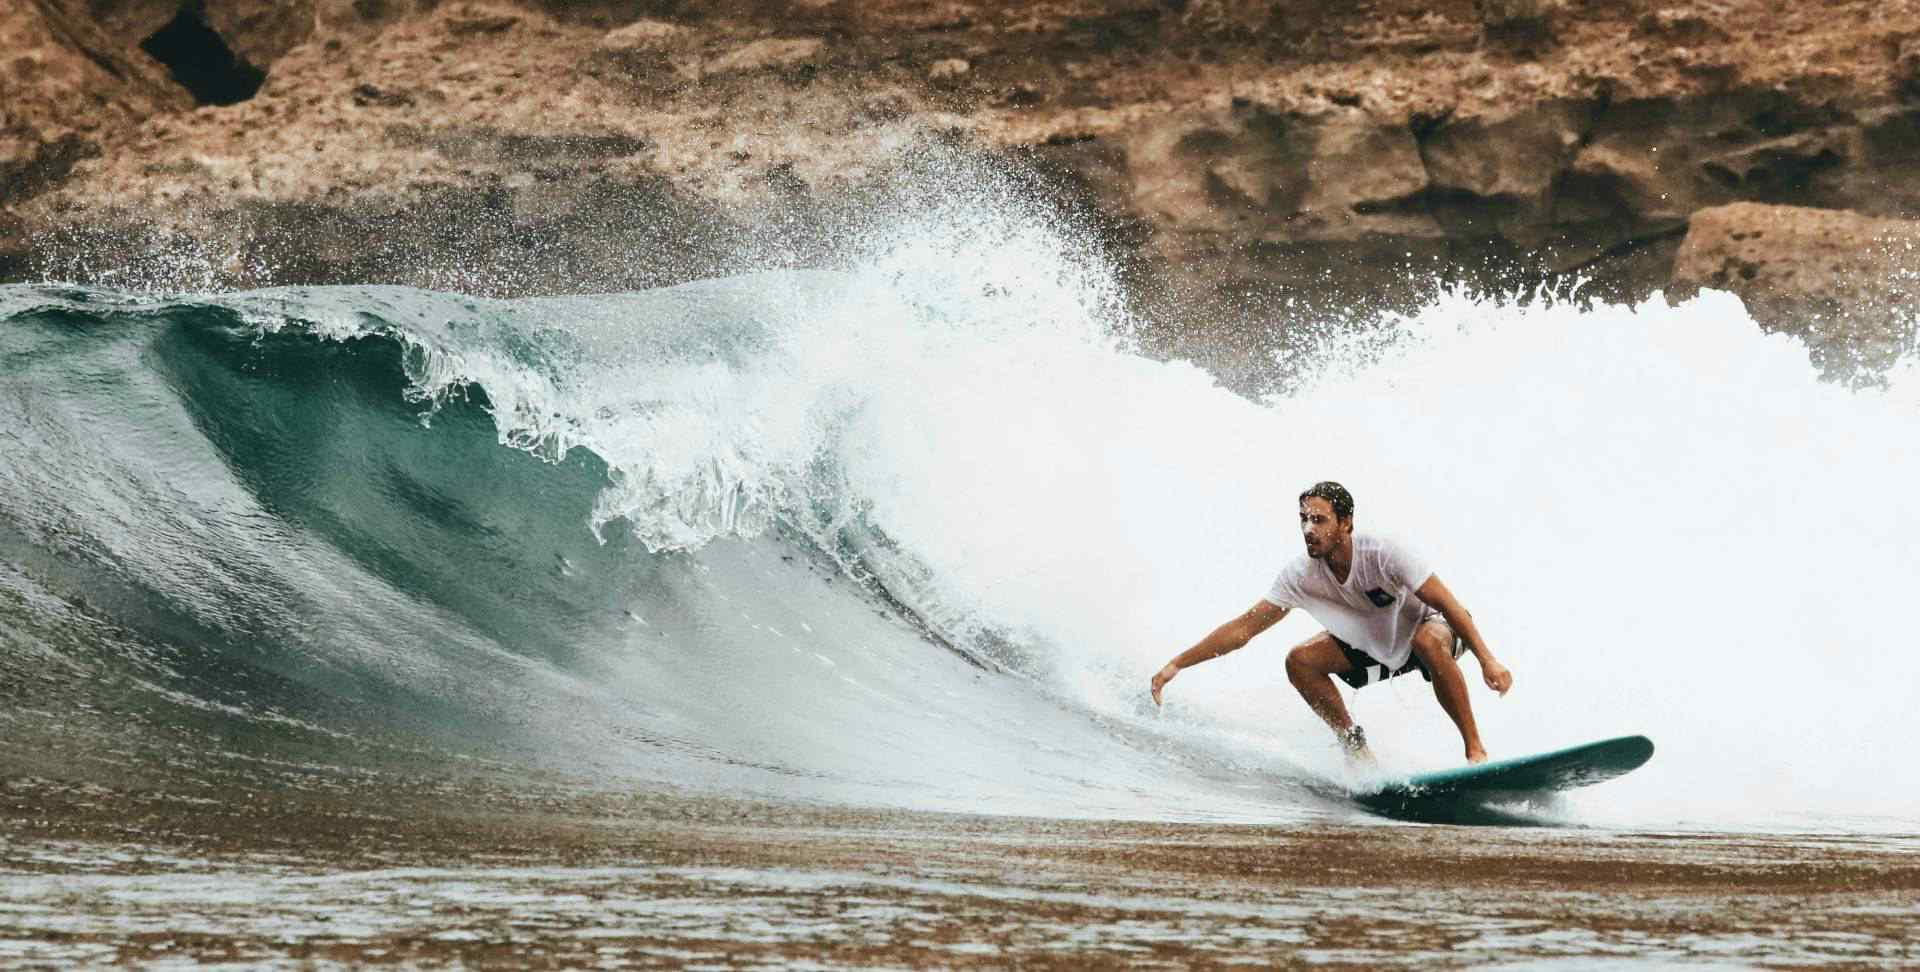 Viajes deportivos y de aventura: surf, kitesurf, trekking y senderismo